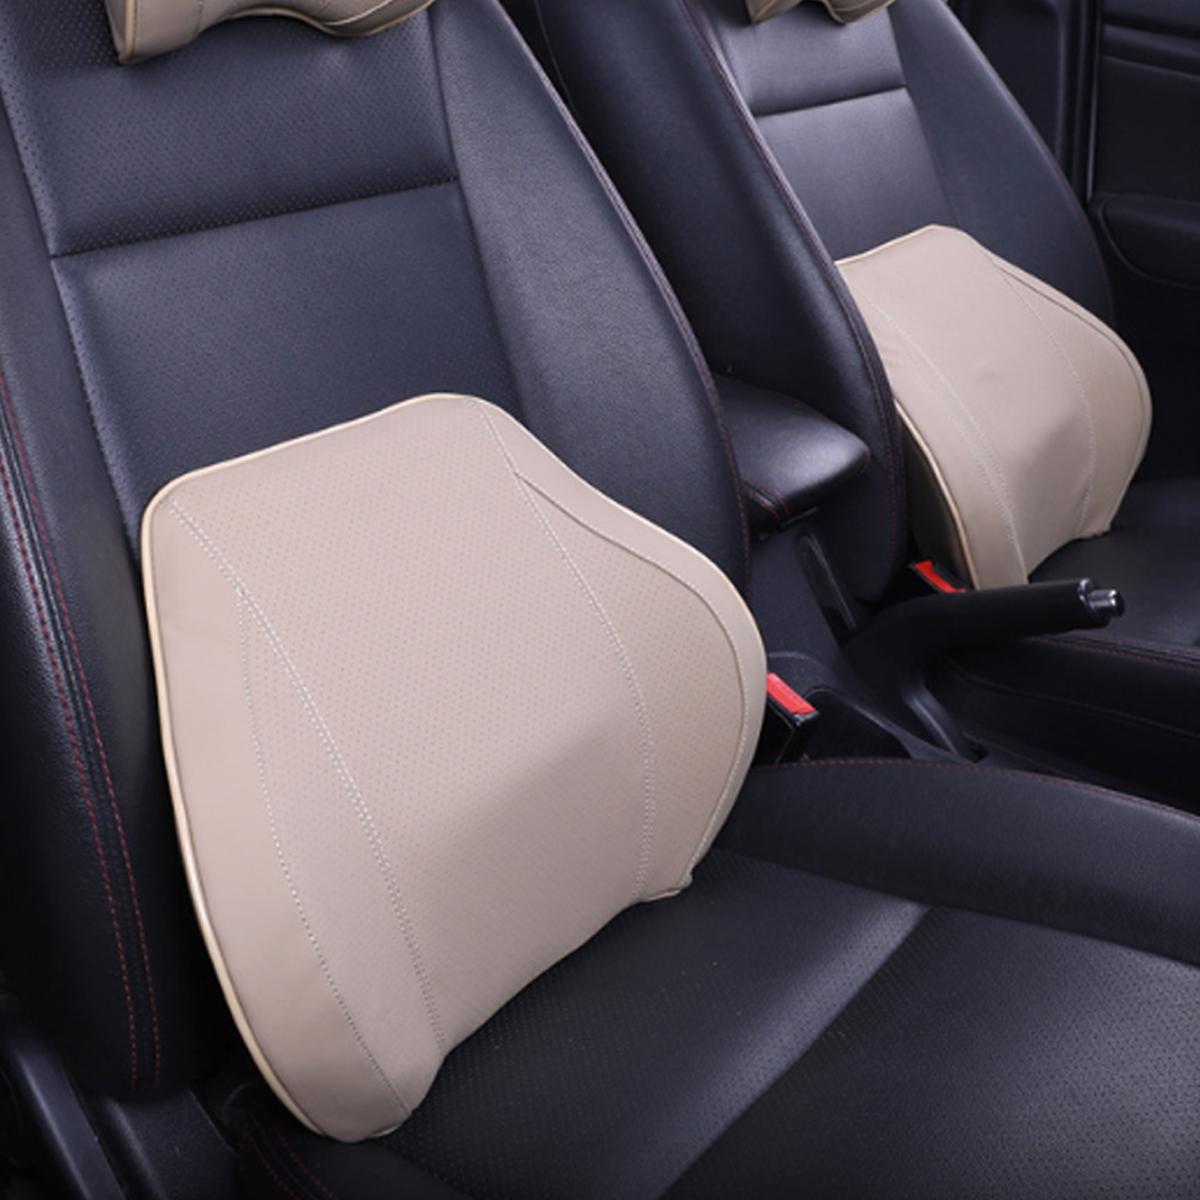 Memory Foam Home Office Car Auto Seat Head Neck Waist Lumbar Back Support Cushion Pad Message Headrest Pillow